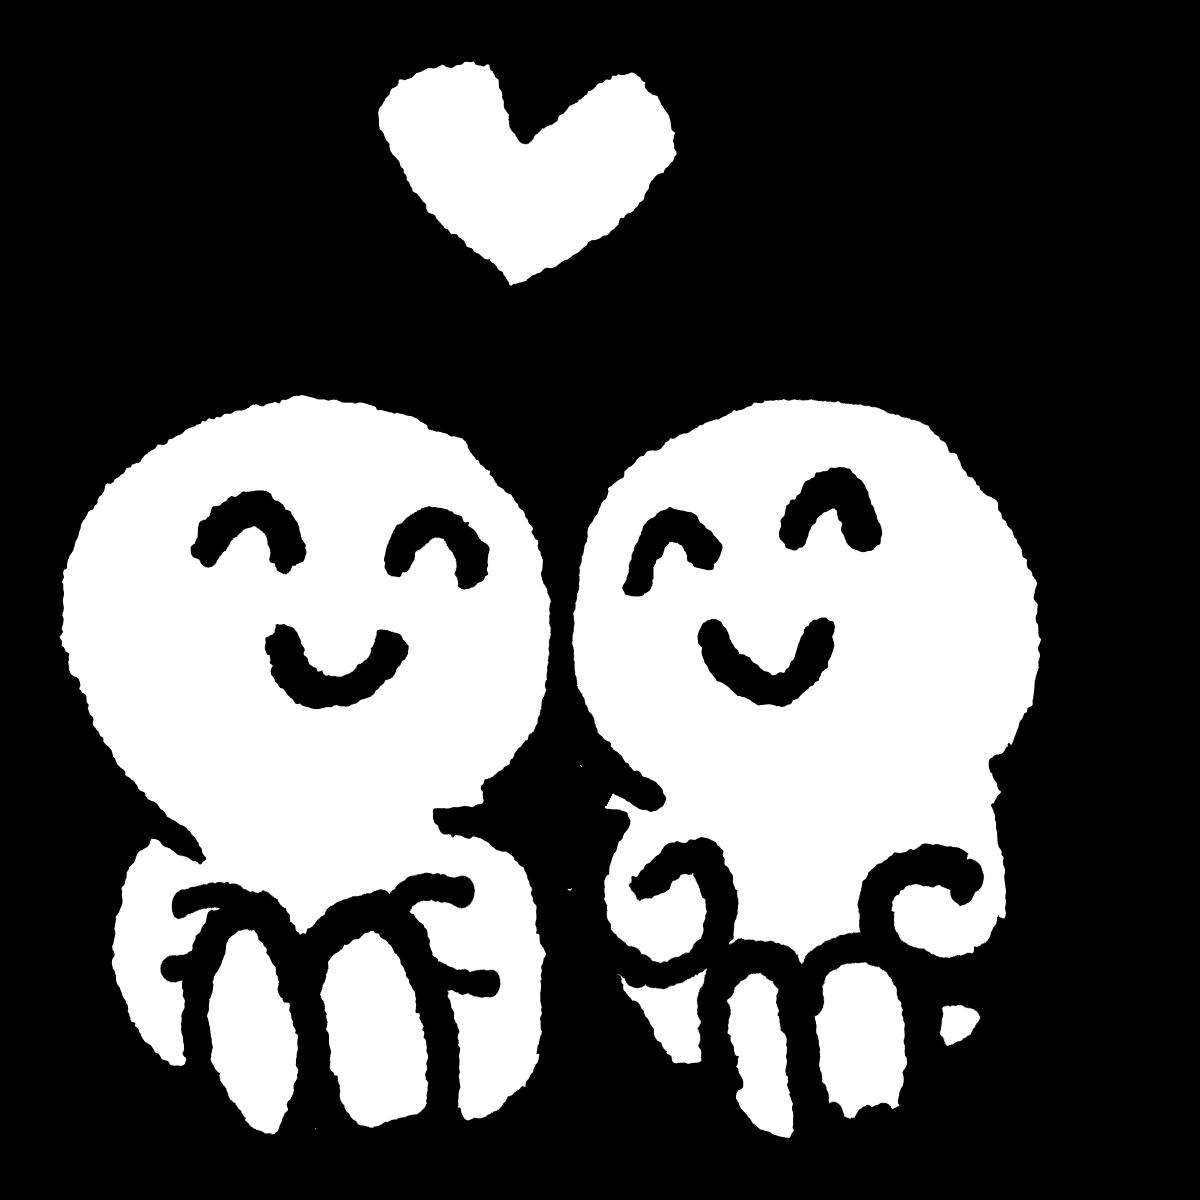 座っているカップルのイラスト / Seated couple Illustration